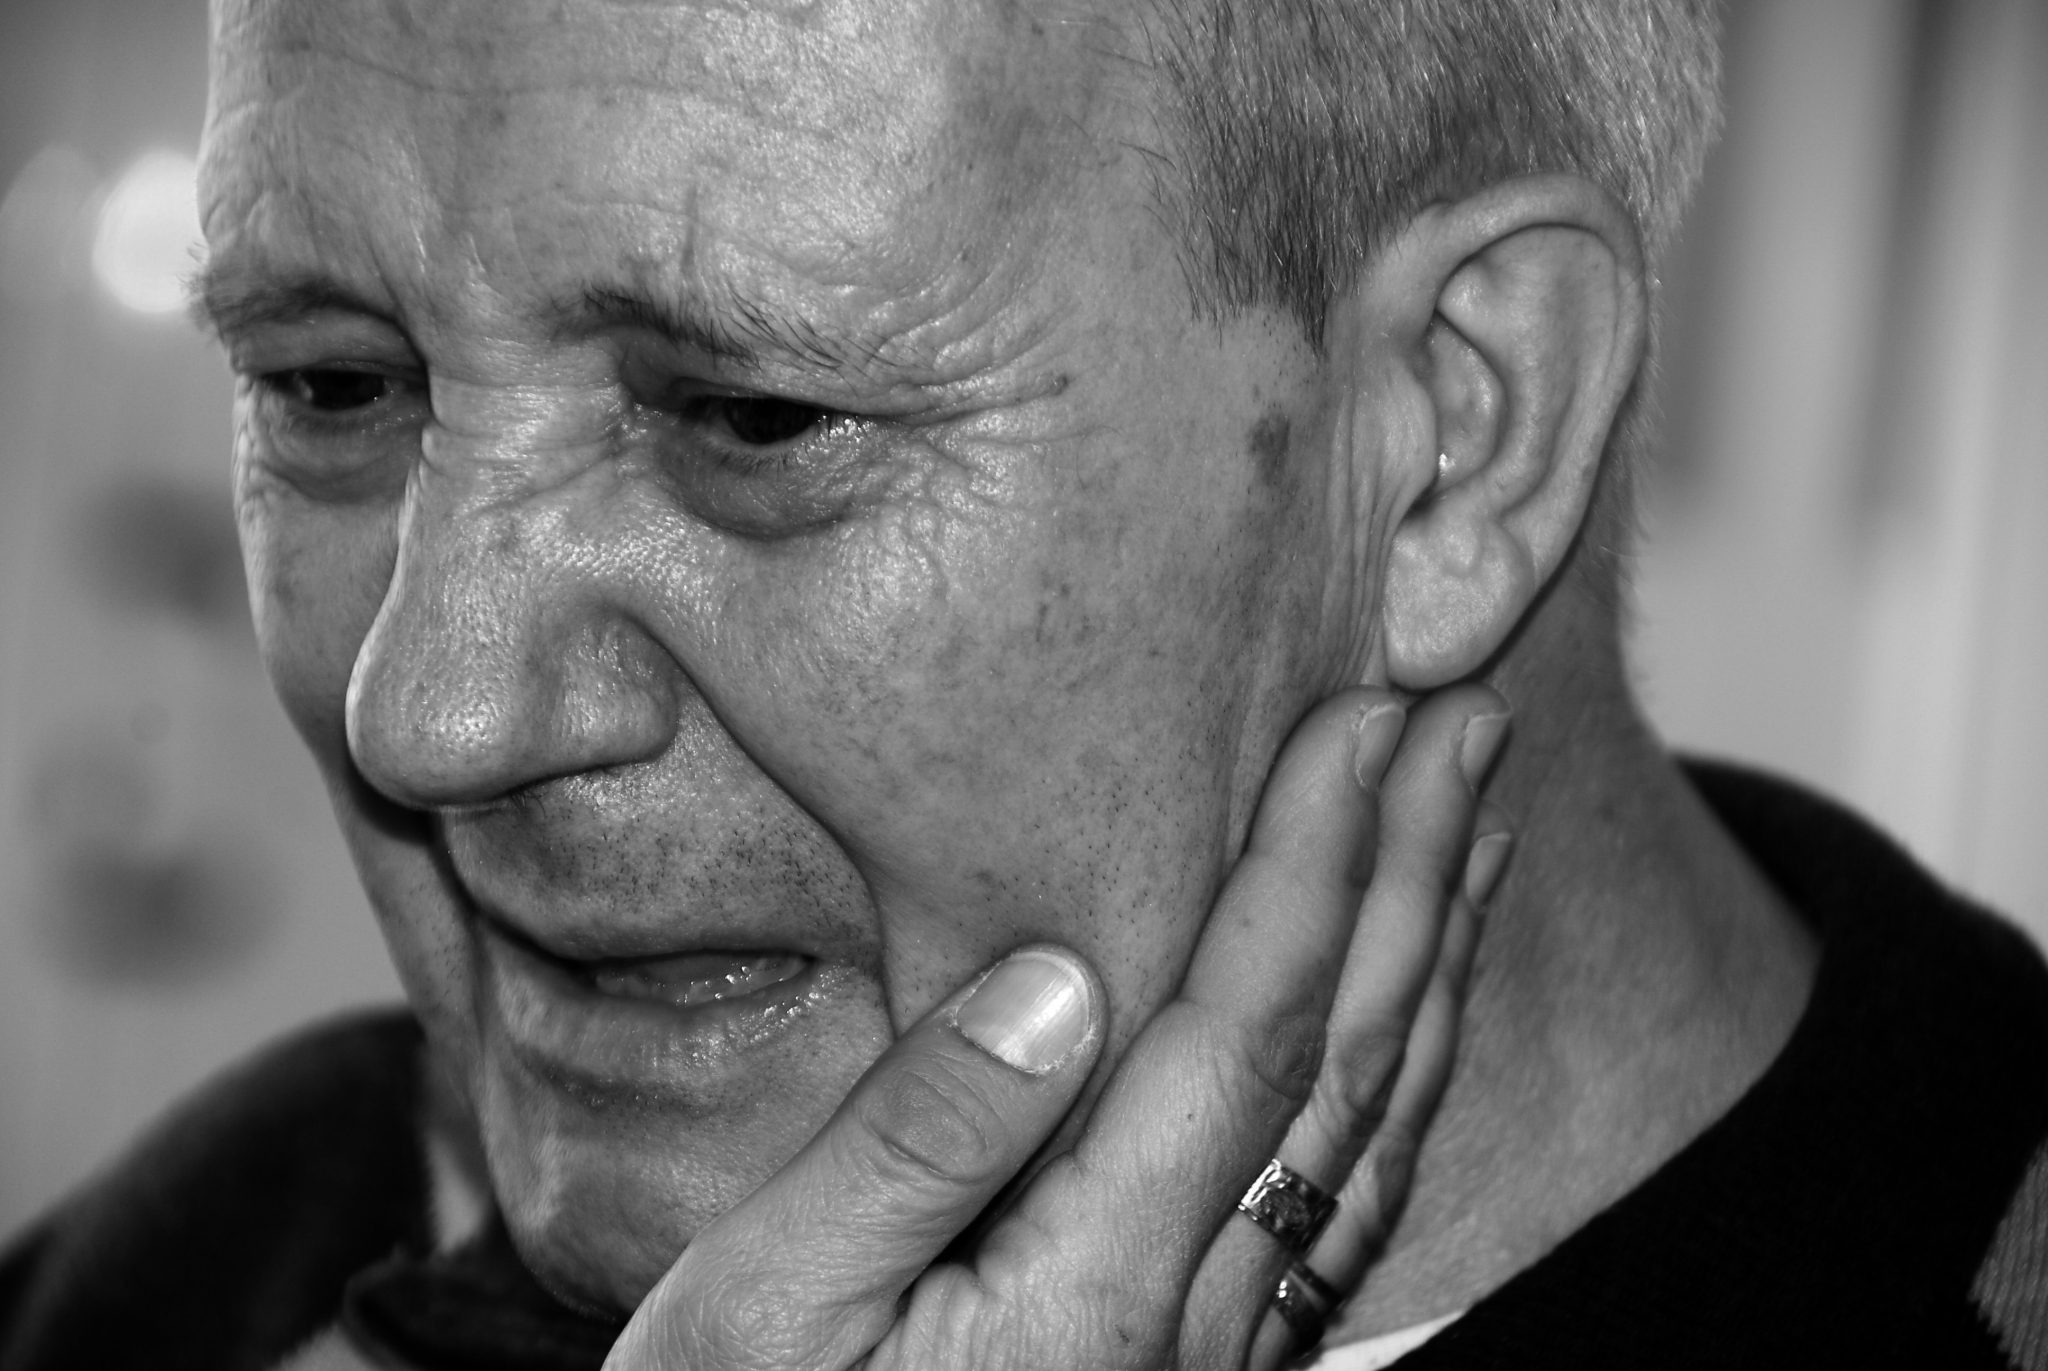 """Cuadro de texto: A la izquierda, la  fotografía que logró el 1º Premio en 2018: """"Aferrada a la vida"""", de Luis Ruiz.  Arriba, la fotografía premiada en segundo lugar: """"Ternura infinita"""", de Jesús María Muñoz."""